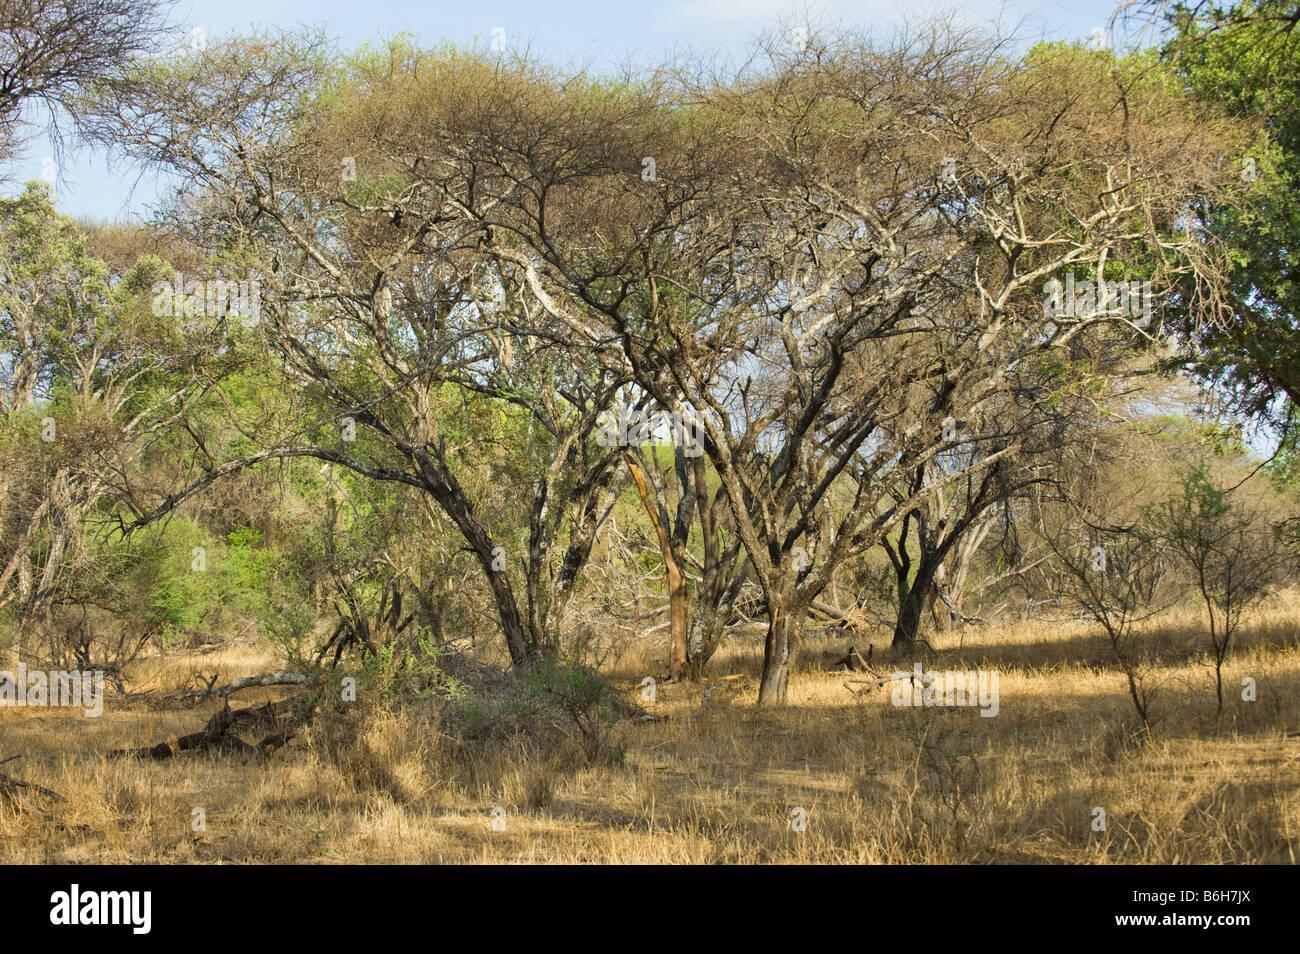 superb wonderful south-africa Bush bushland landscape ACACIA trees ACACIATREE bush bushland wild wilderness knobthorn - Stock Image